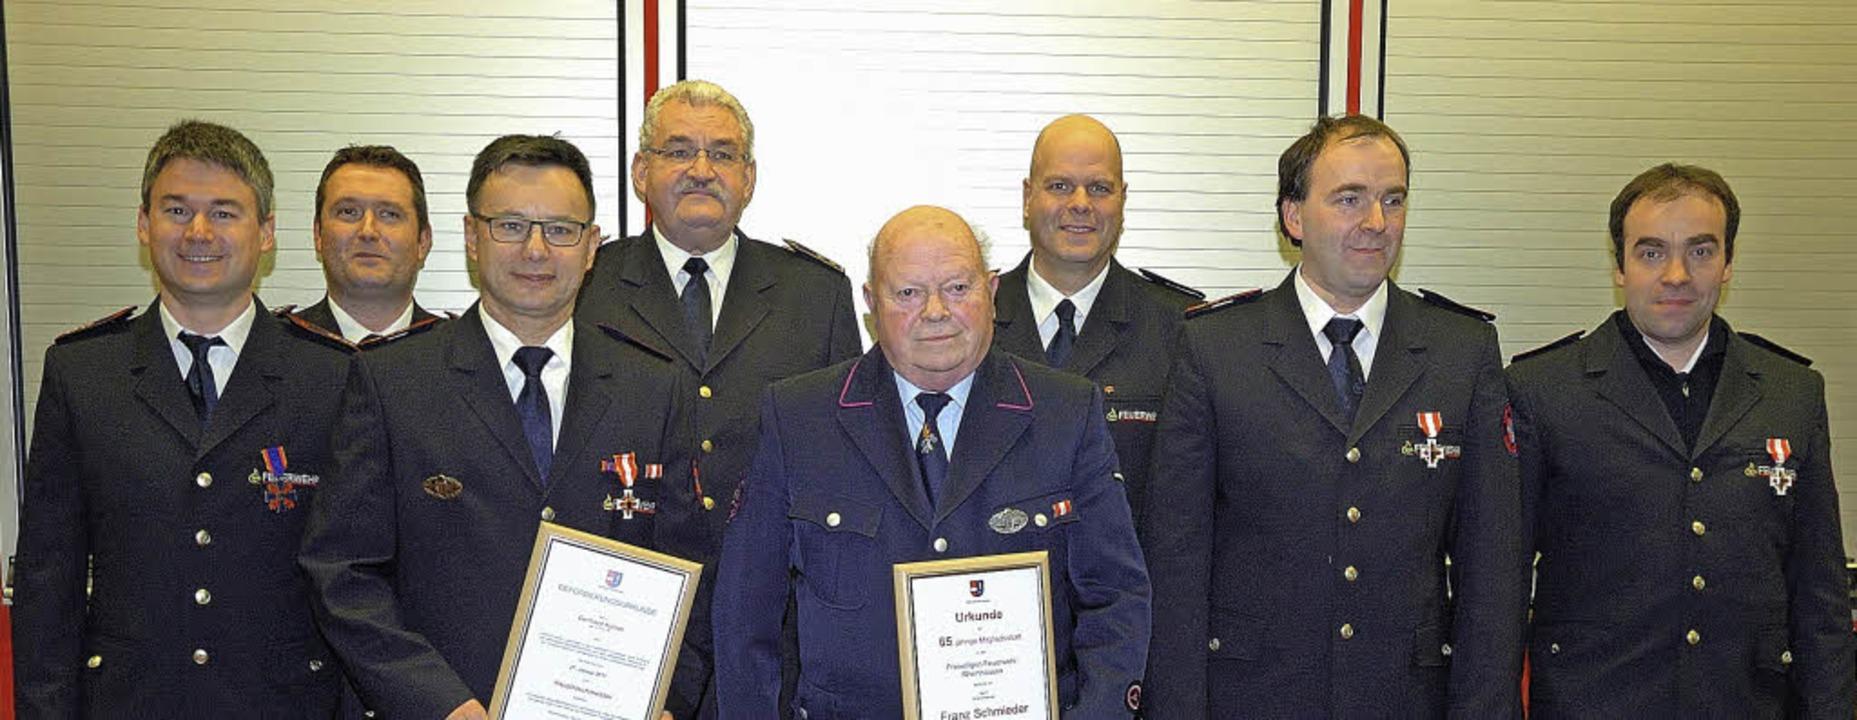 Bei der Jahreshauptversammlung konnten...Jürgen Louis (Dritter von rechts) vor.  | Foto: Jürgen Schweizer